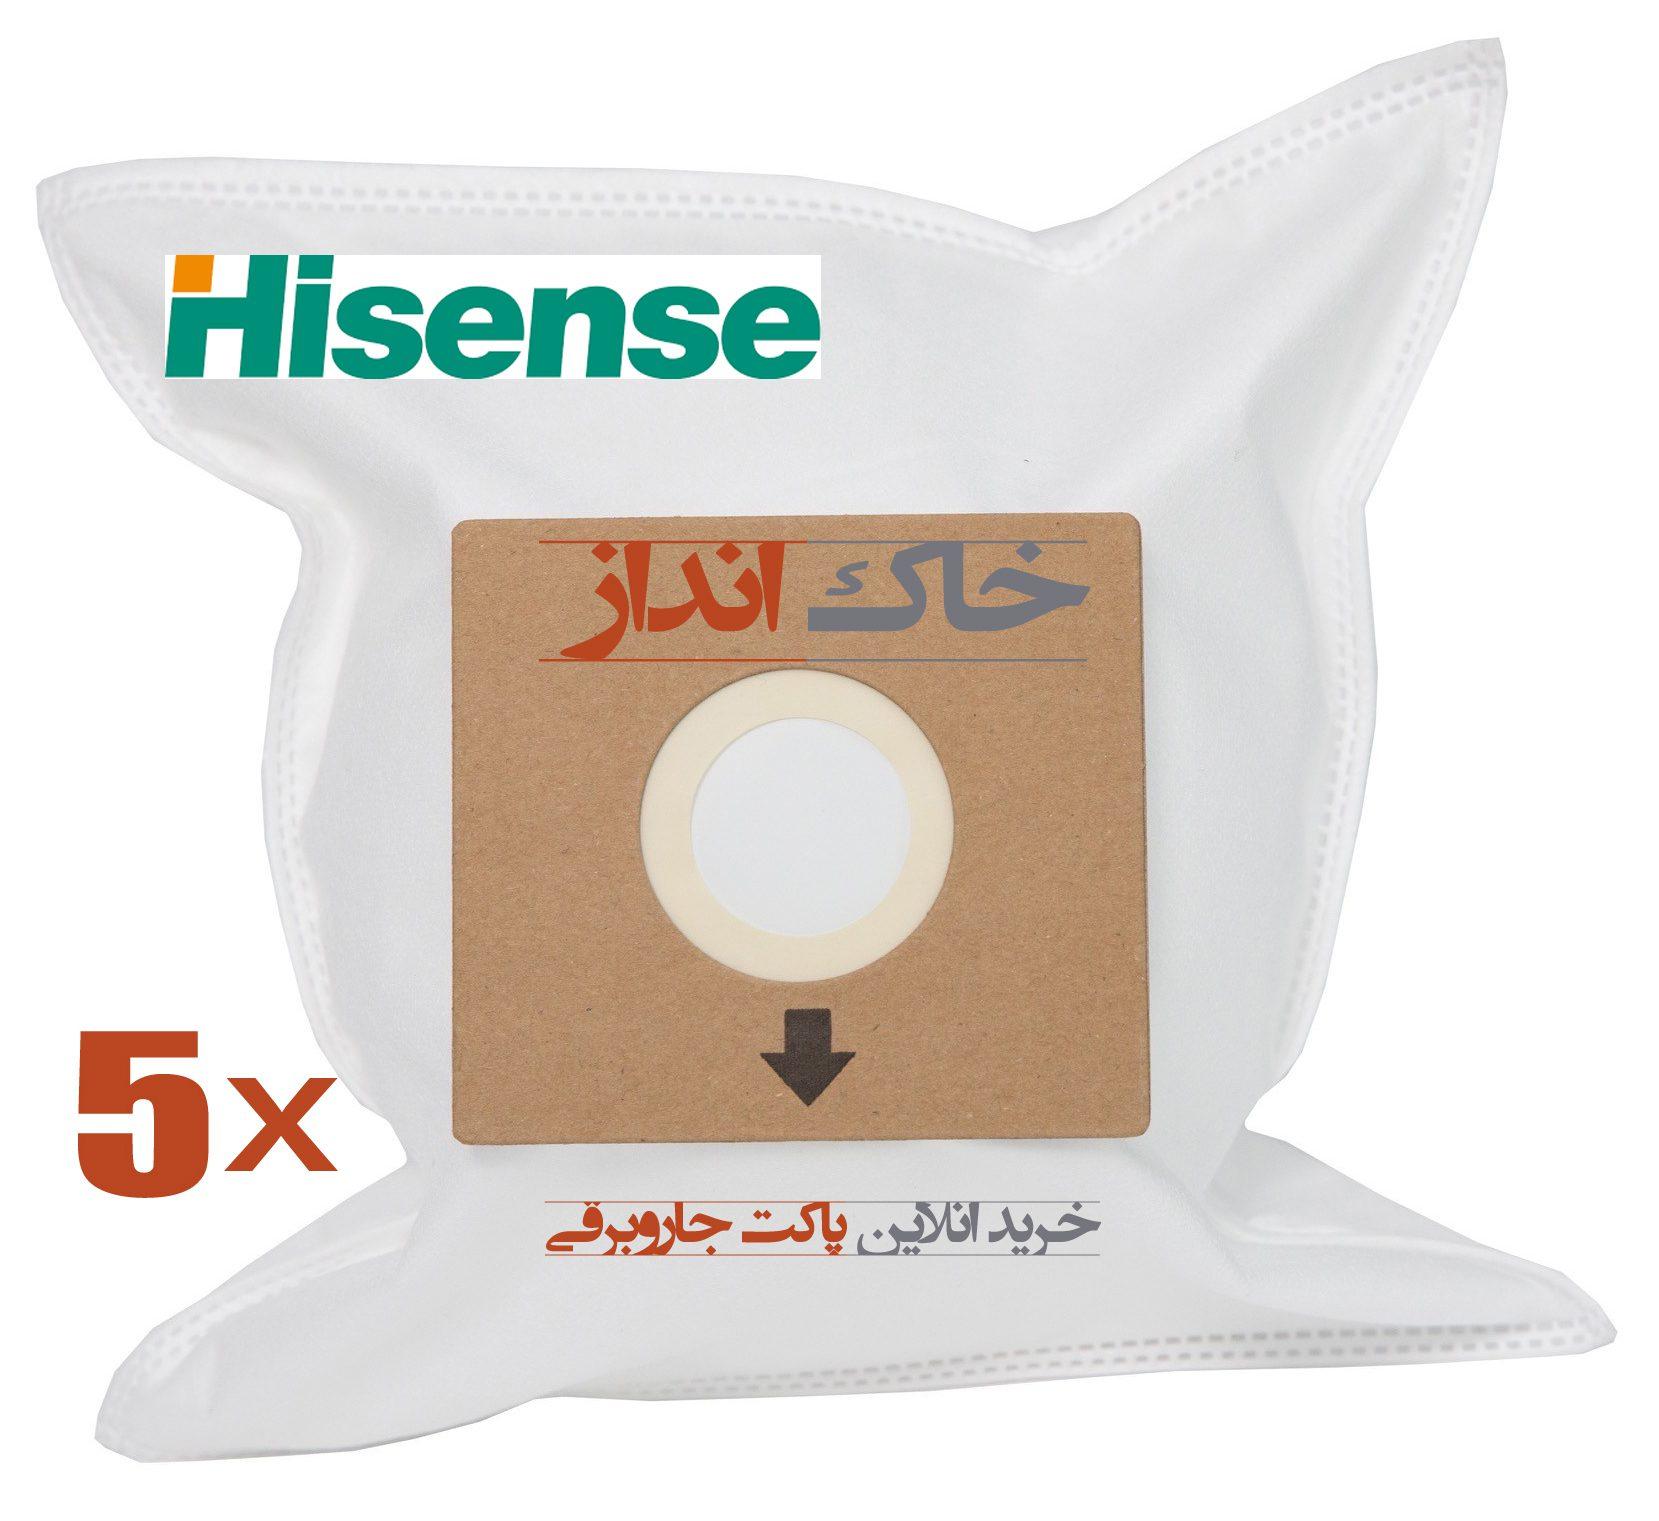 پاکت جاروبرقی هایسنس – Hisense – ارسال رایگان